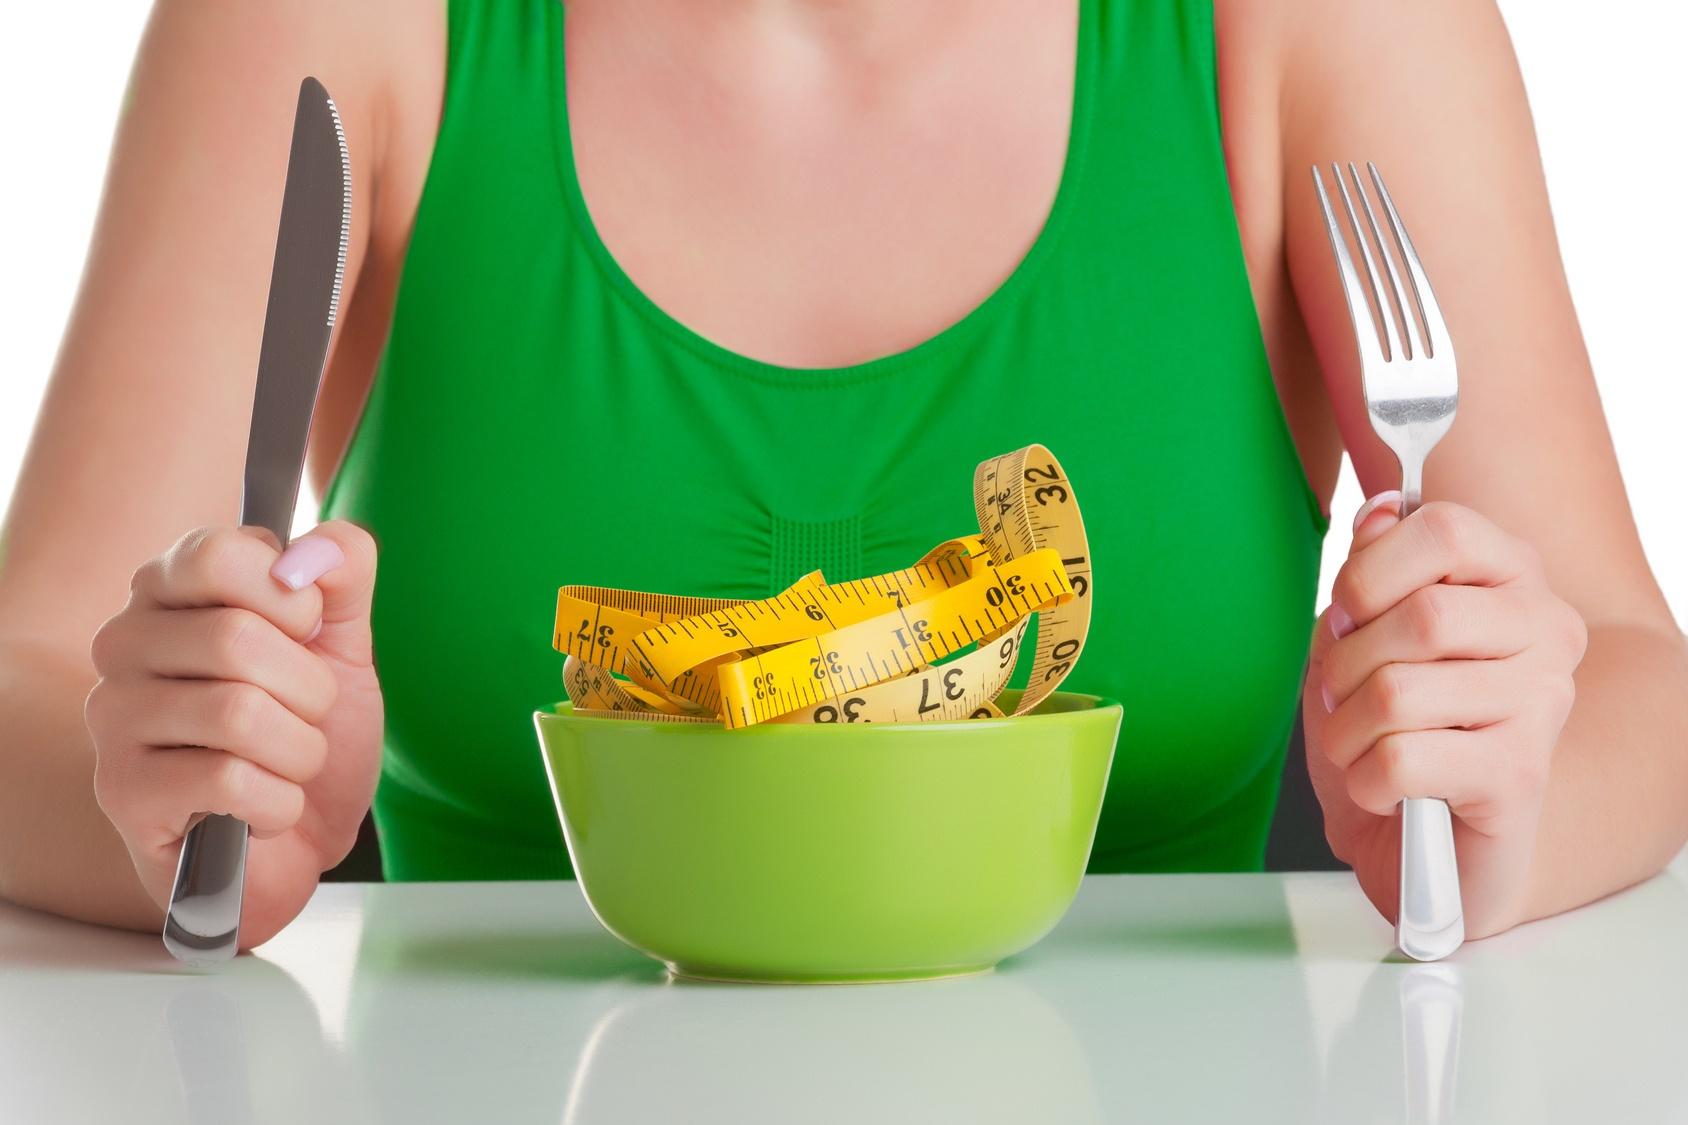 pierdere în greutate mtarfa